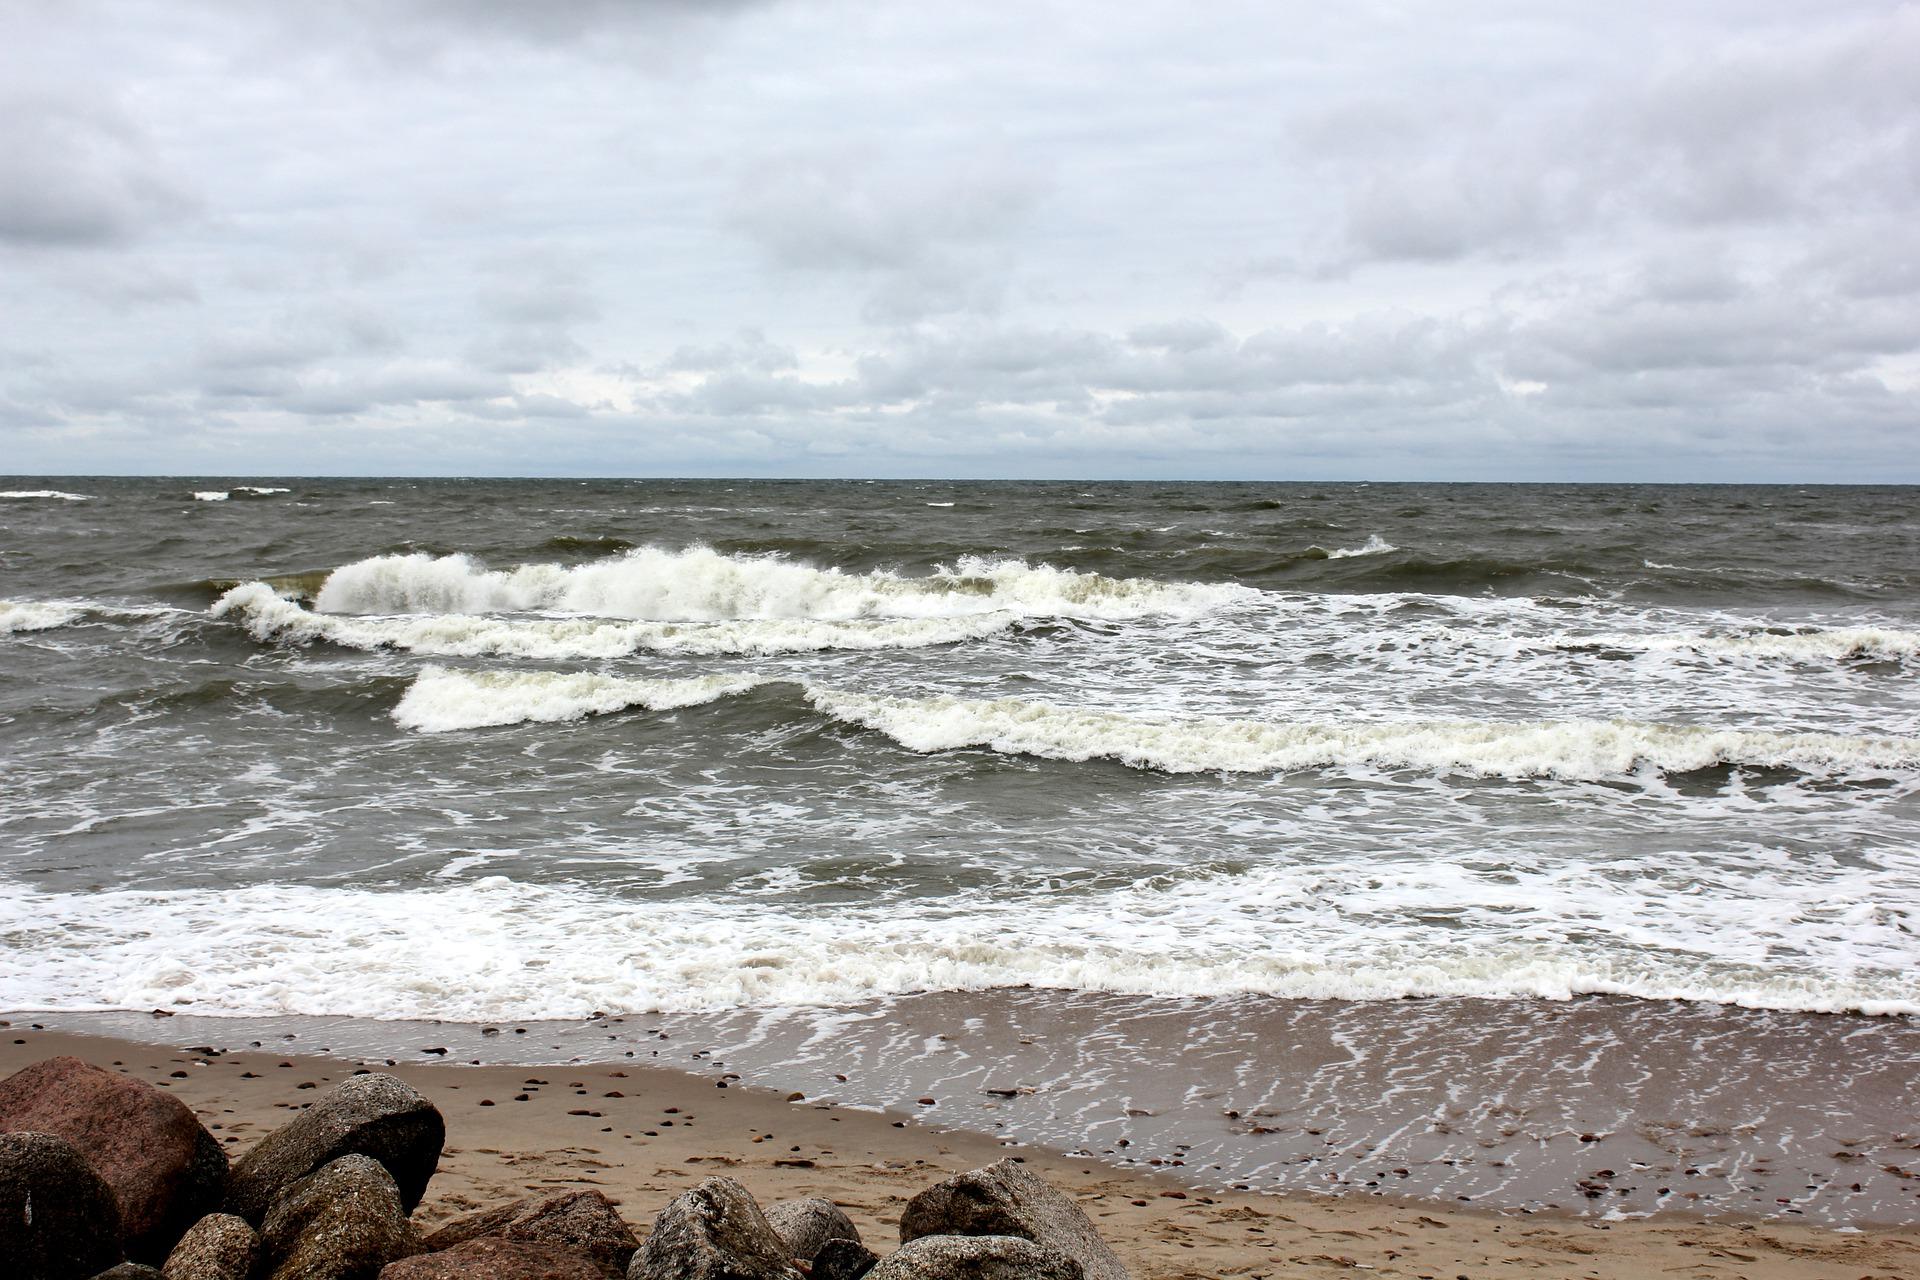 Jak dbać o rozwój regionów Morza Bałtyckiego? Trwa międzynarodowa konferencja